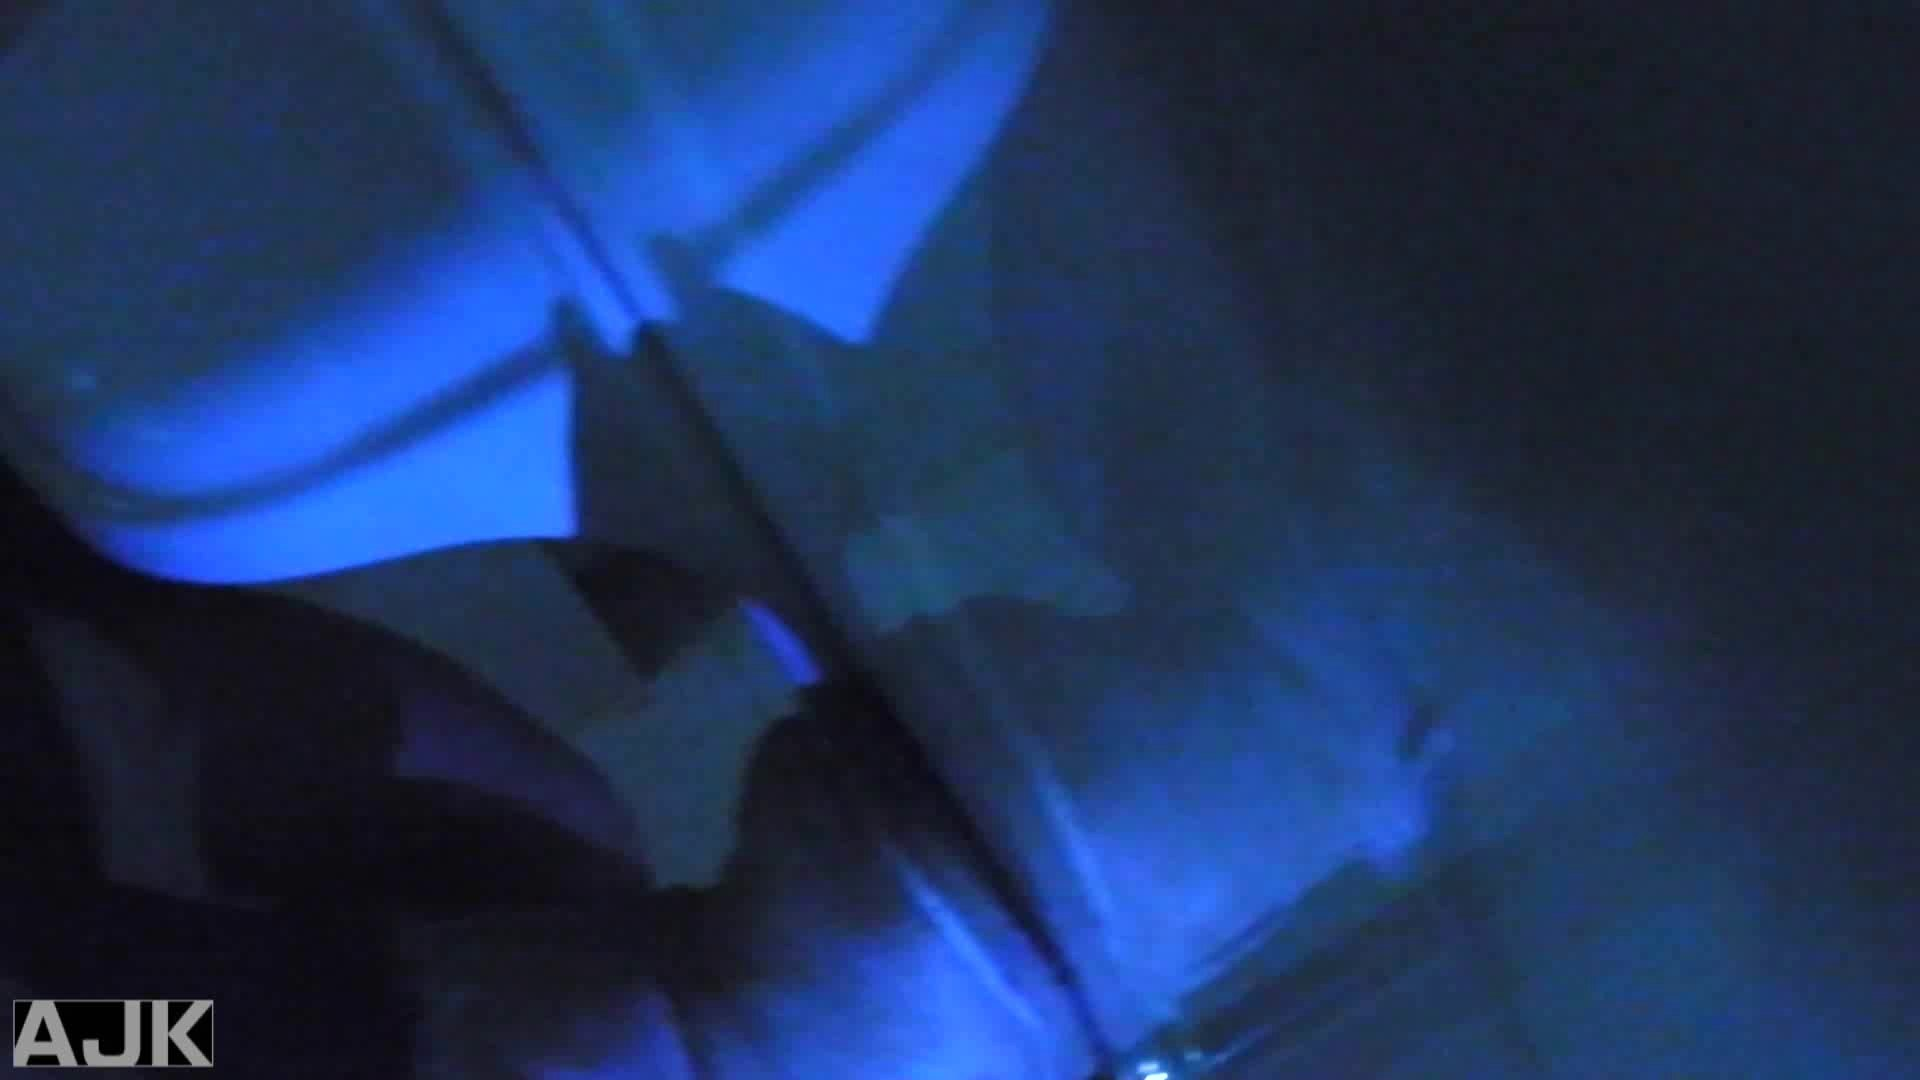 神降臨!史上最強の潜入かわや! vol.05 肛門 覗きぱこり動画紹介 81画像 62